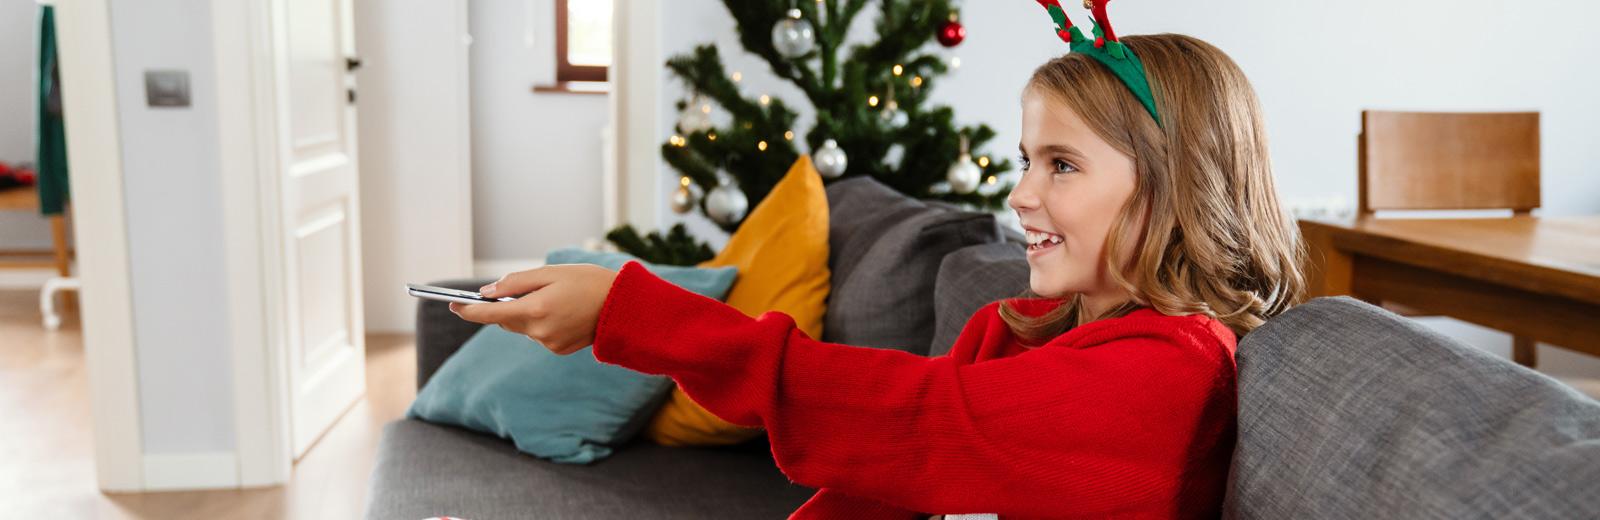 Julepyntet jente retter fjenkontrollen mot tv i spenning når hun slår på julefilm